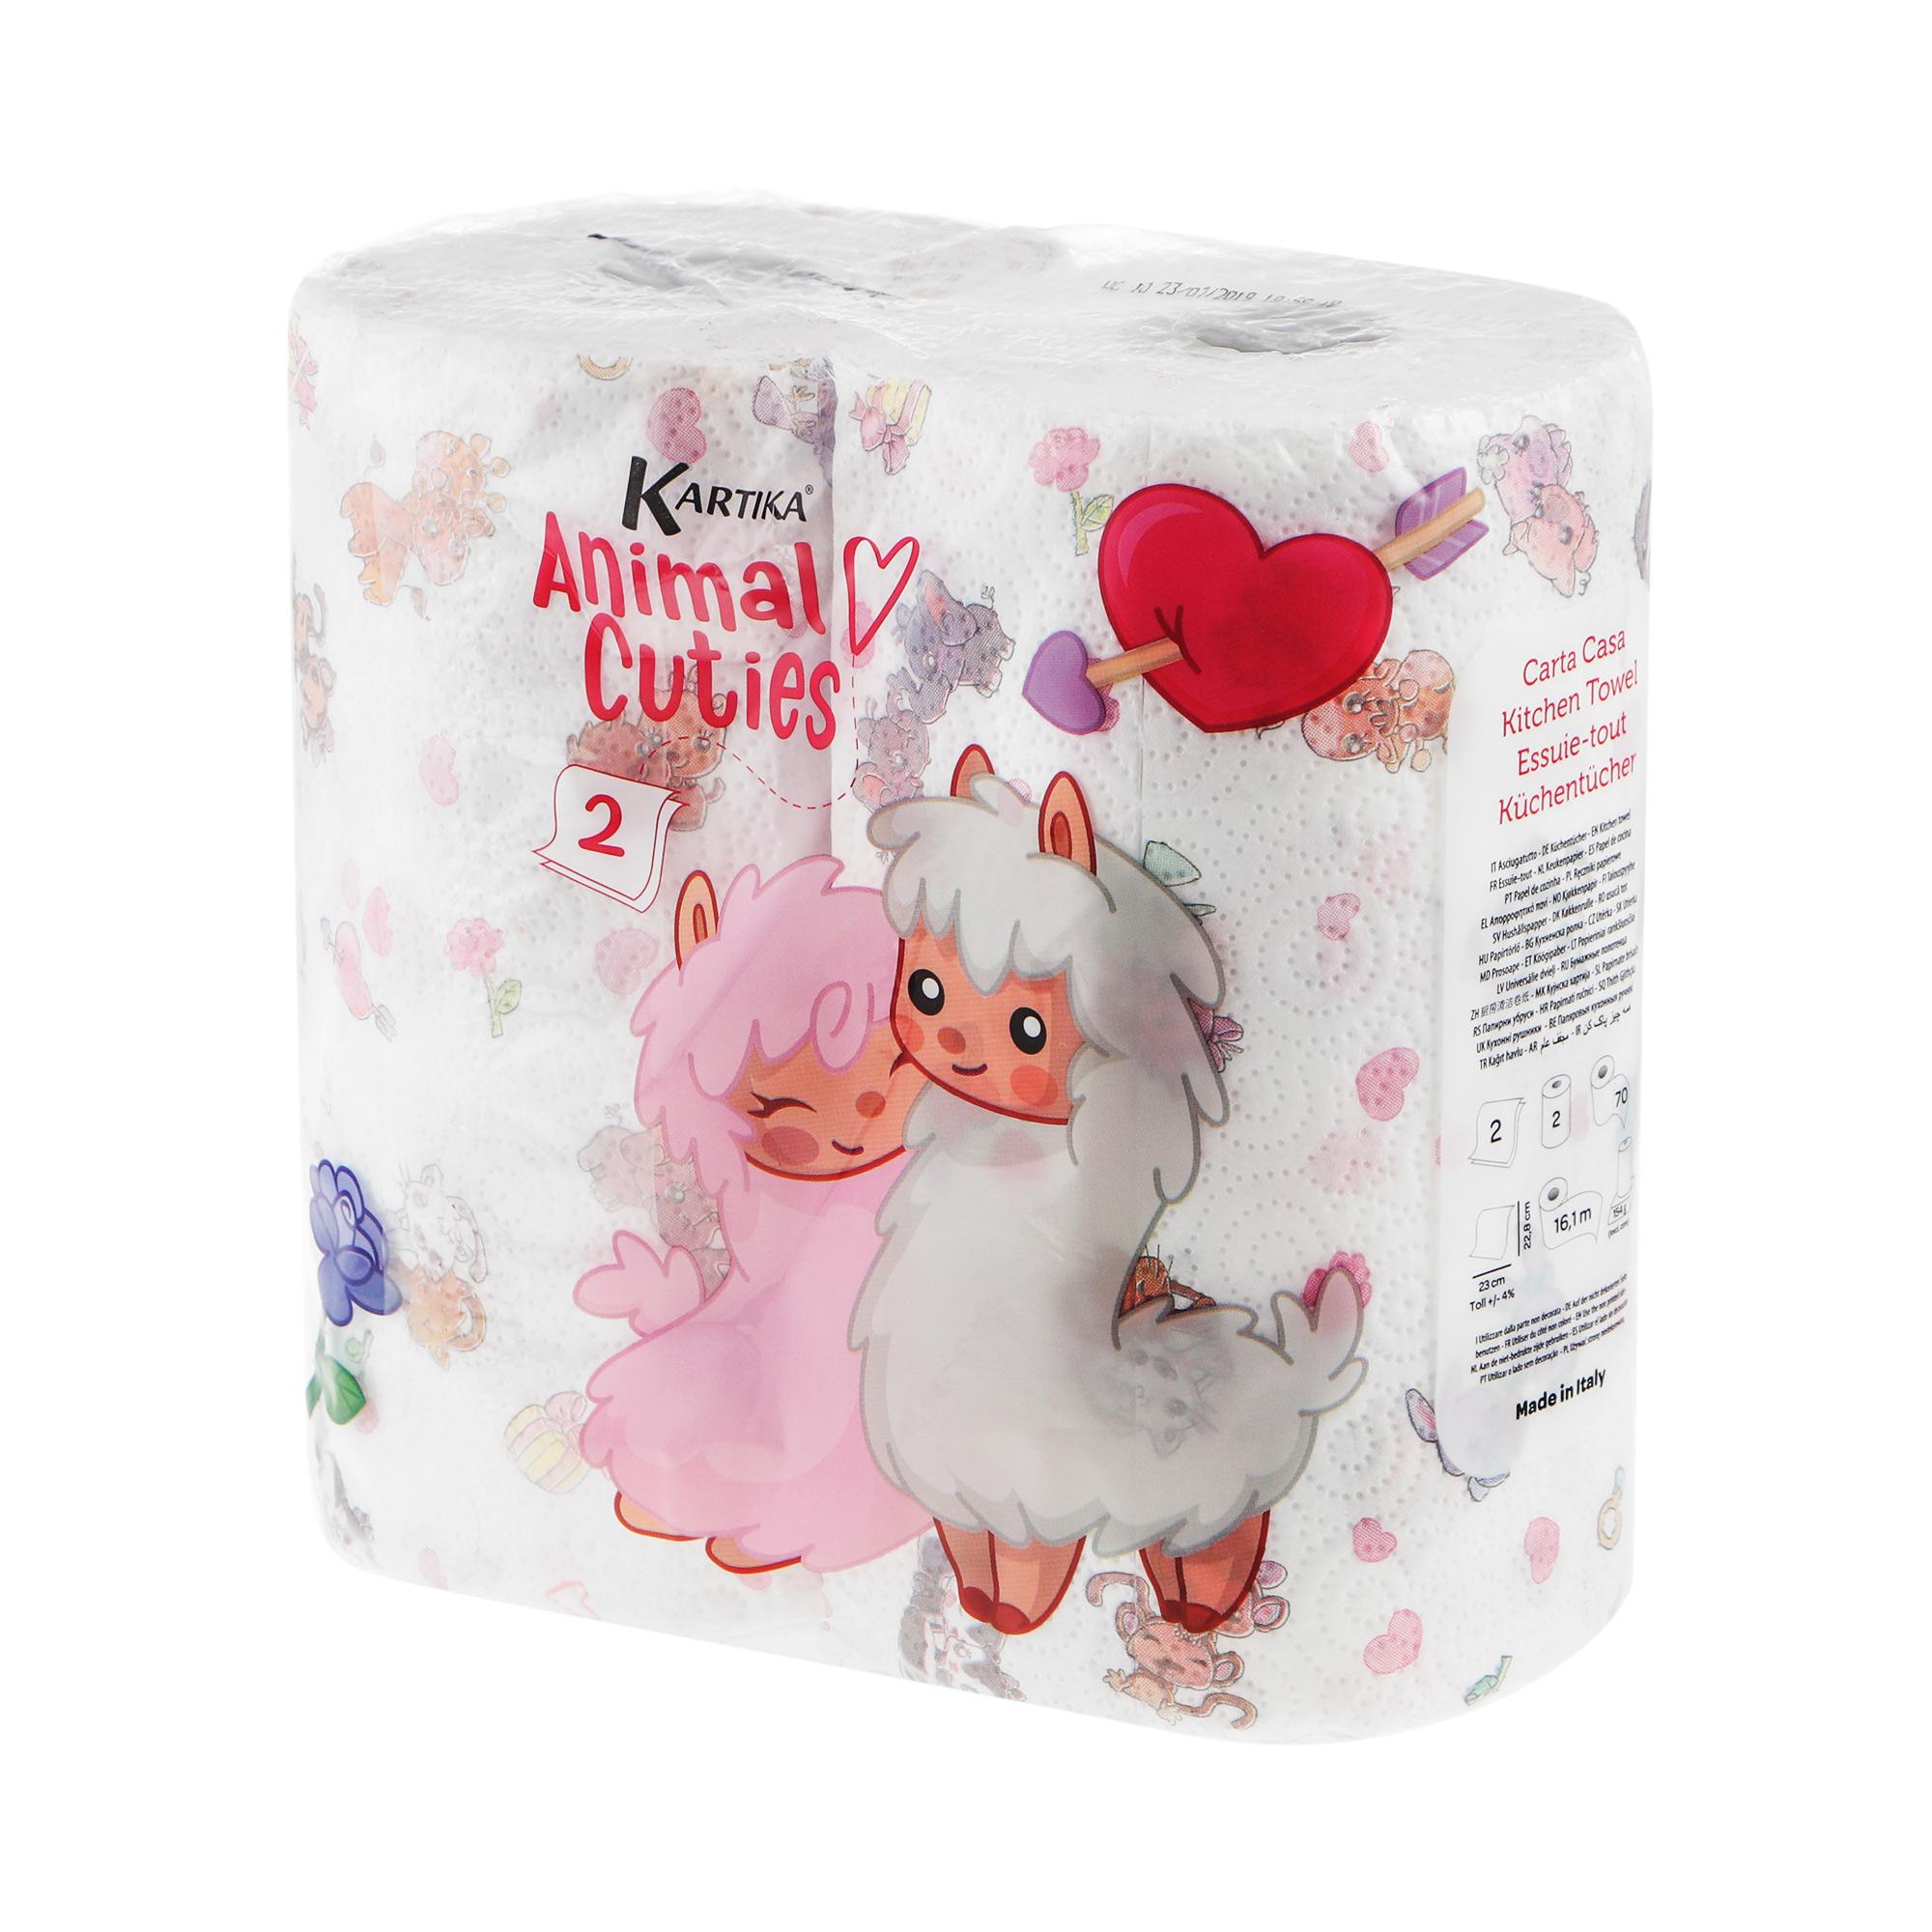 Полотенце кухонное World cart animal cuties 2 слоя руллона